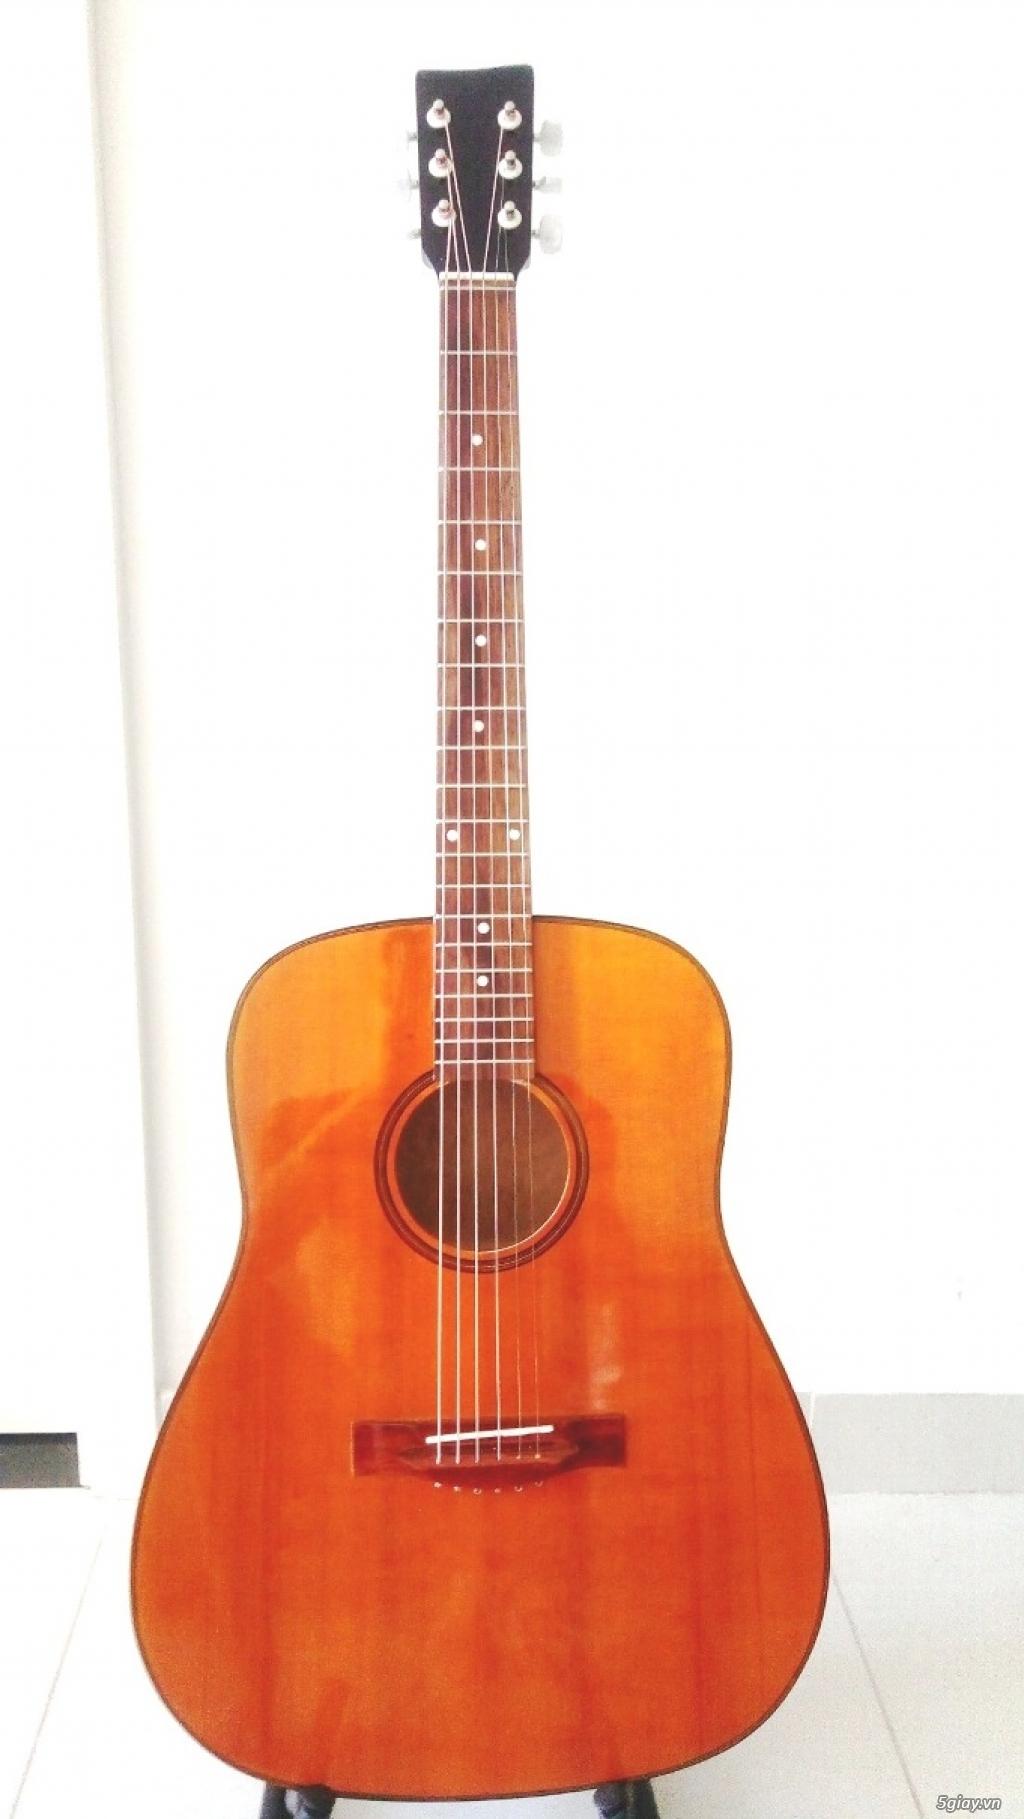 Cần bán: Các cây đàn guitar có giá dưới 1 triệu - nên mua - 4